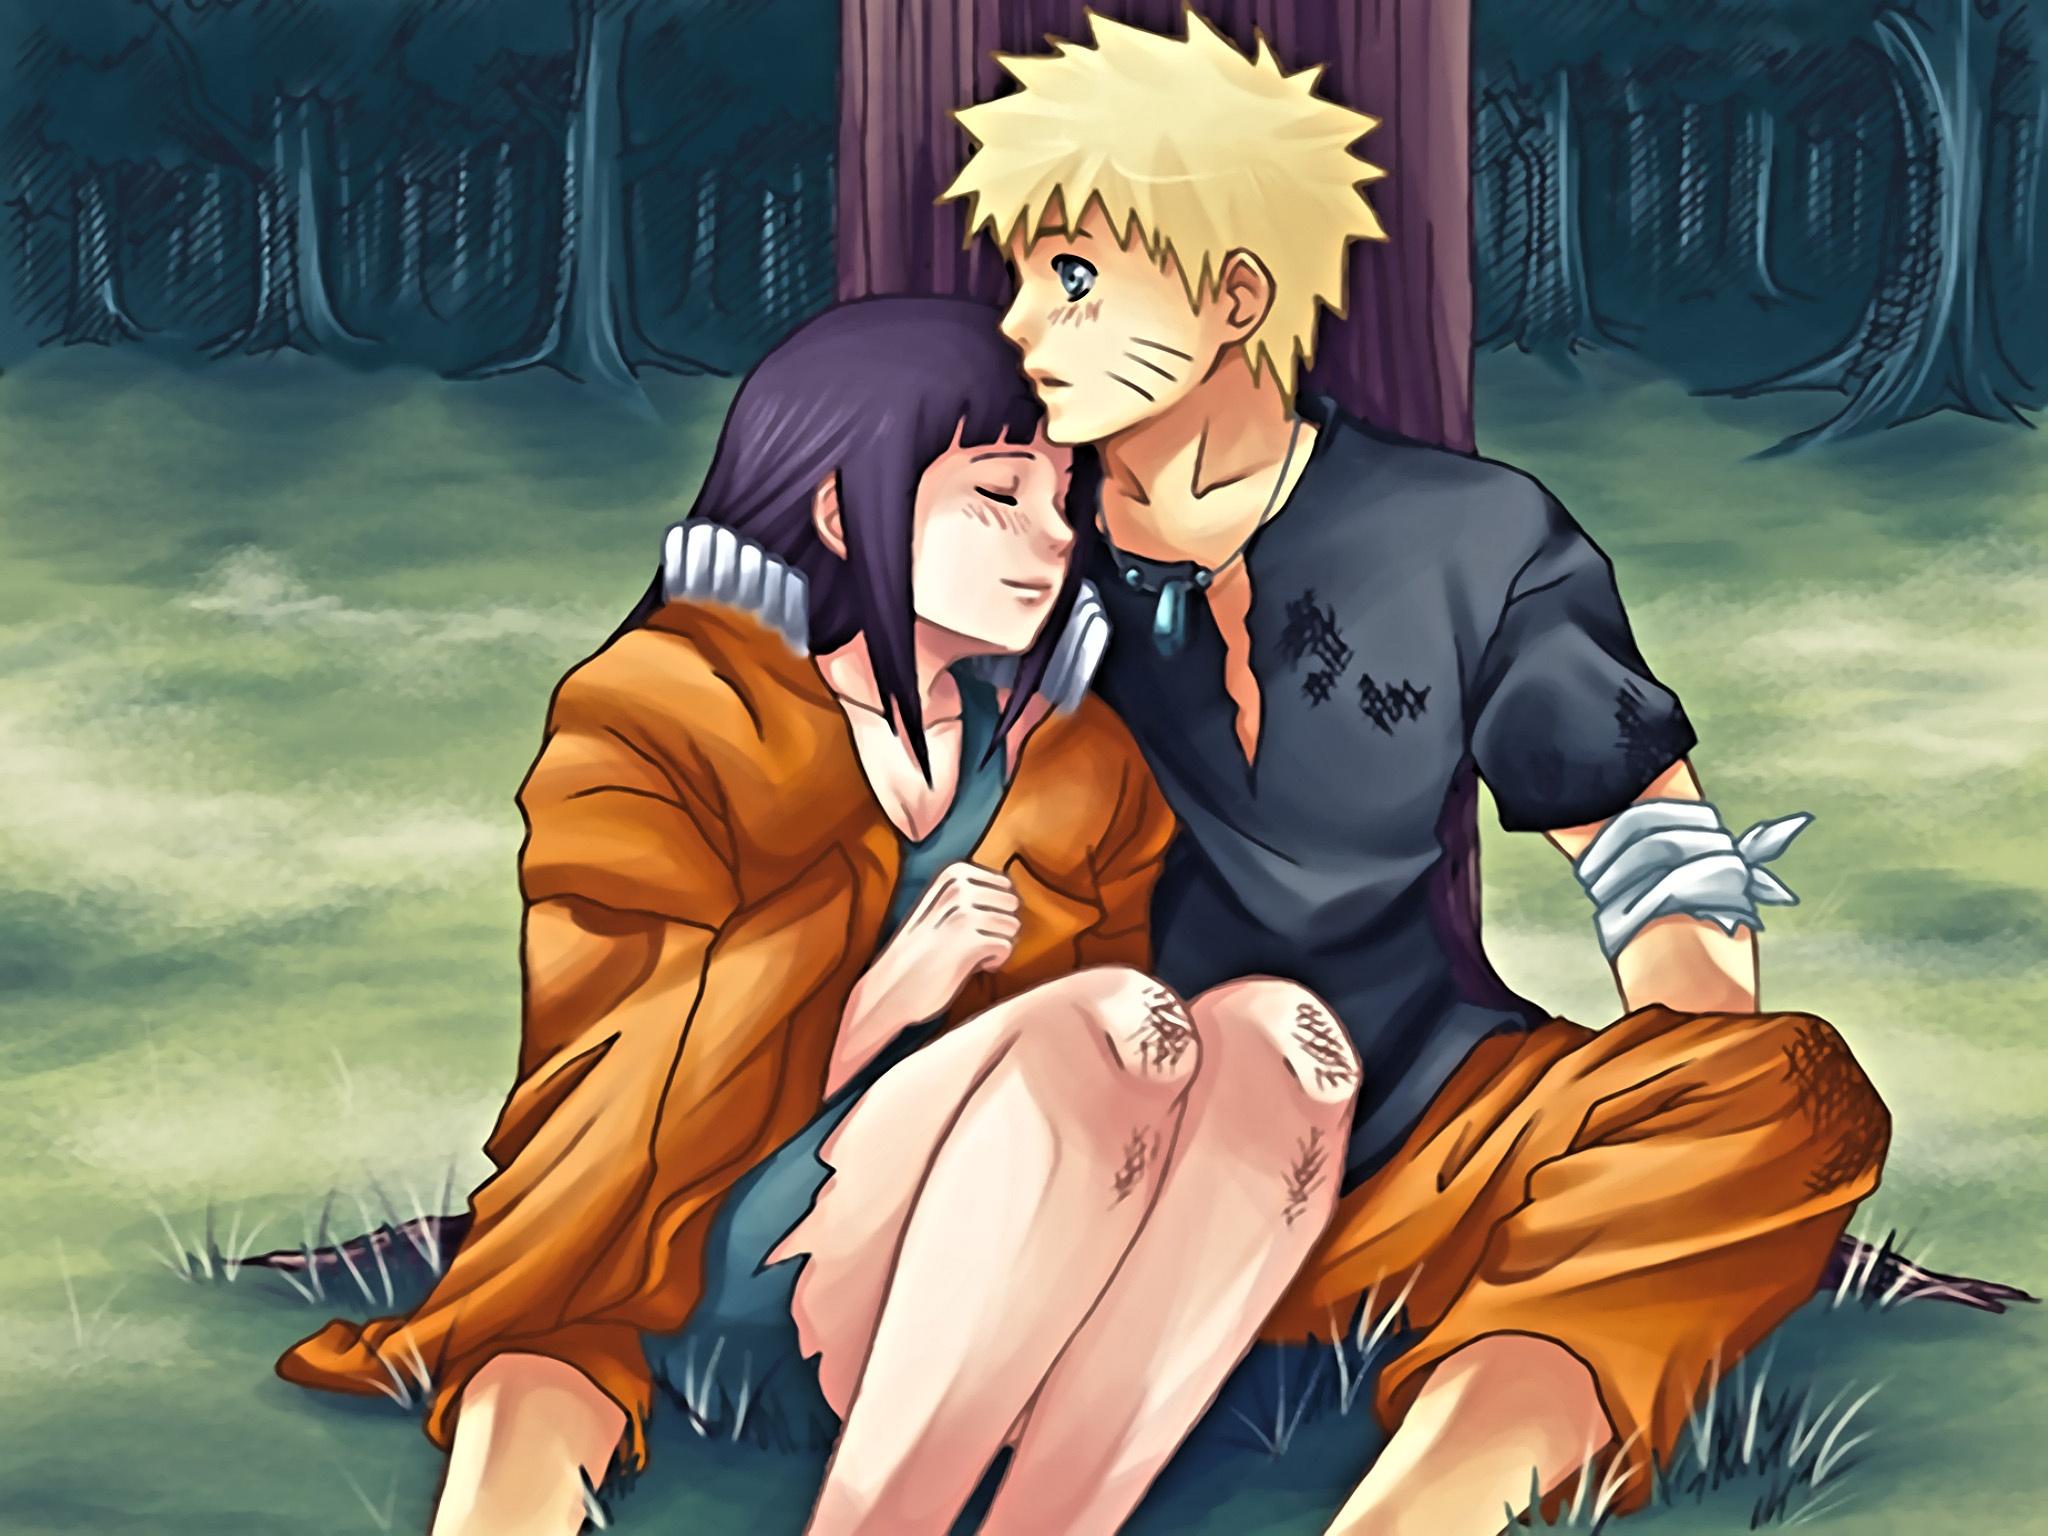 Naruto And Hinata Wallgood Wallpaper 2048x1536 Full HD Wallpapers 2048x1536